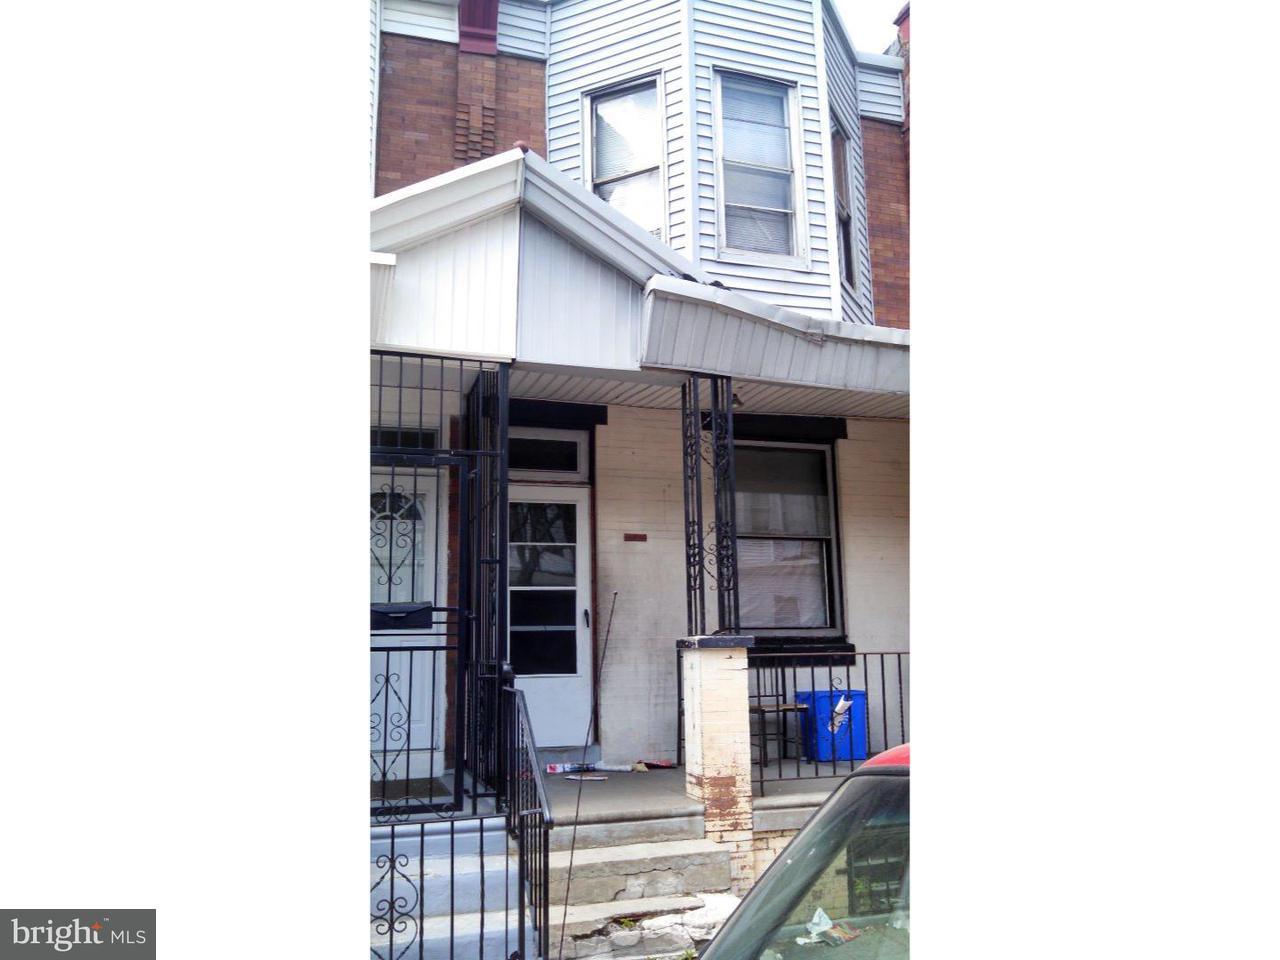 4224 N Reese Philadelphia , PA 19140